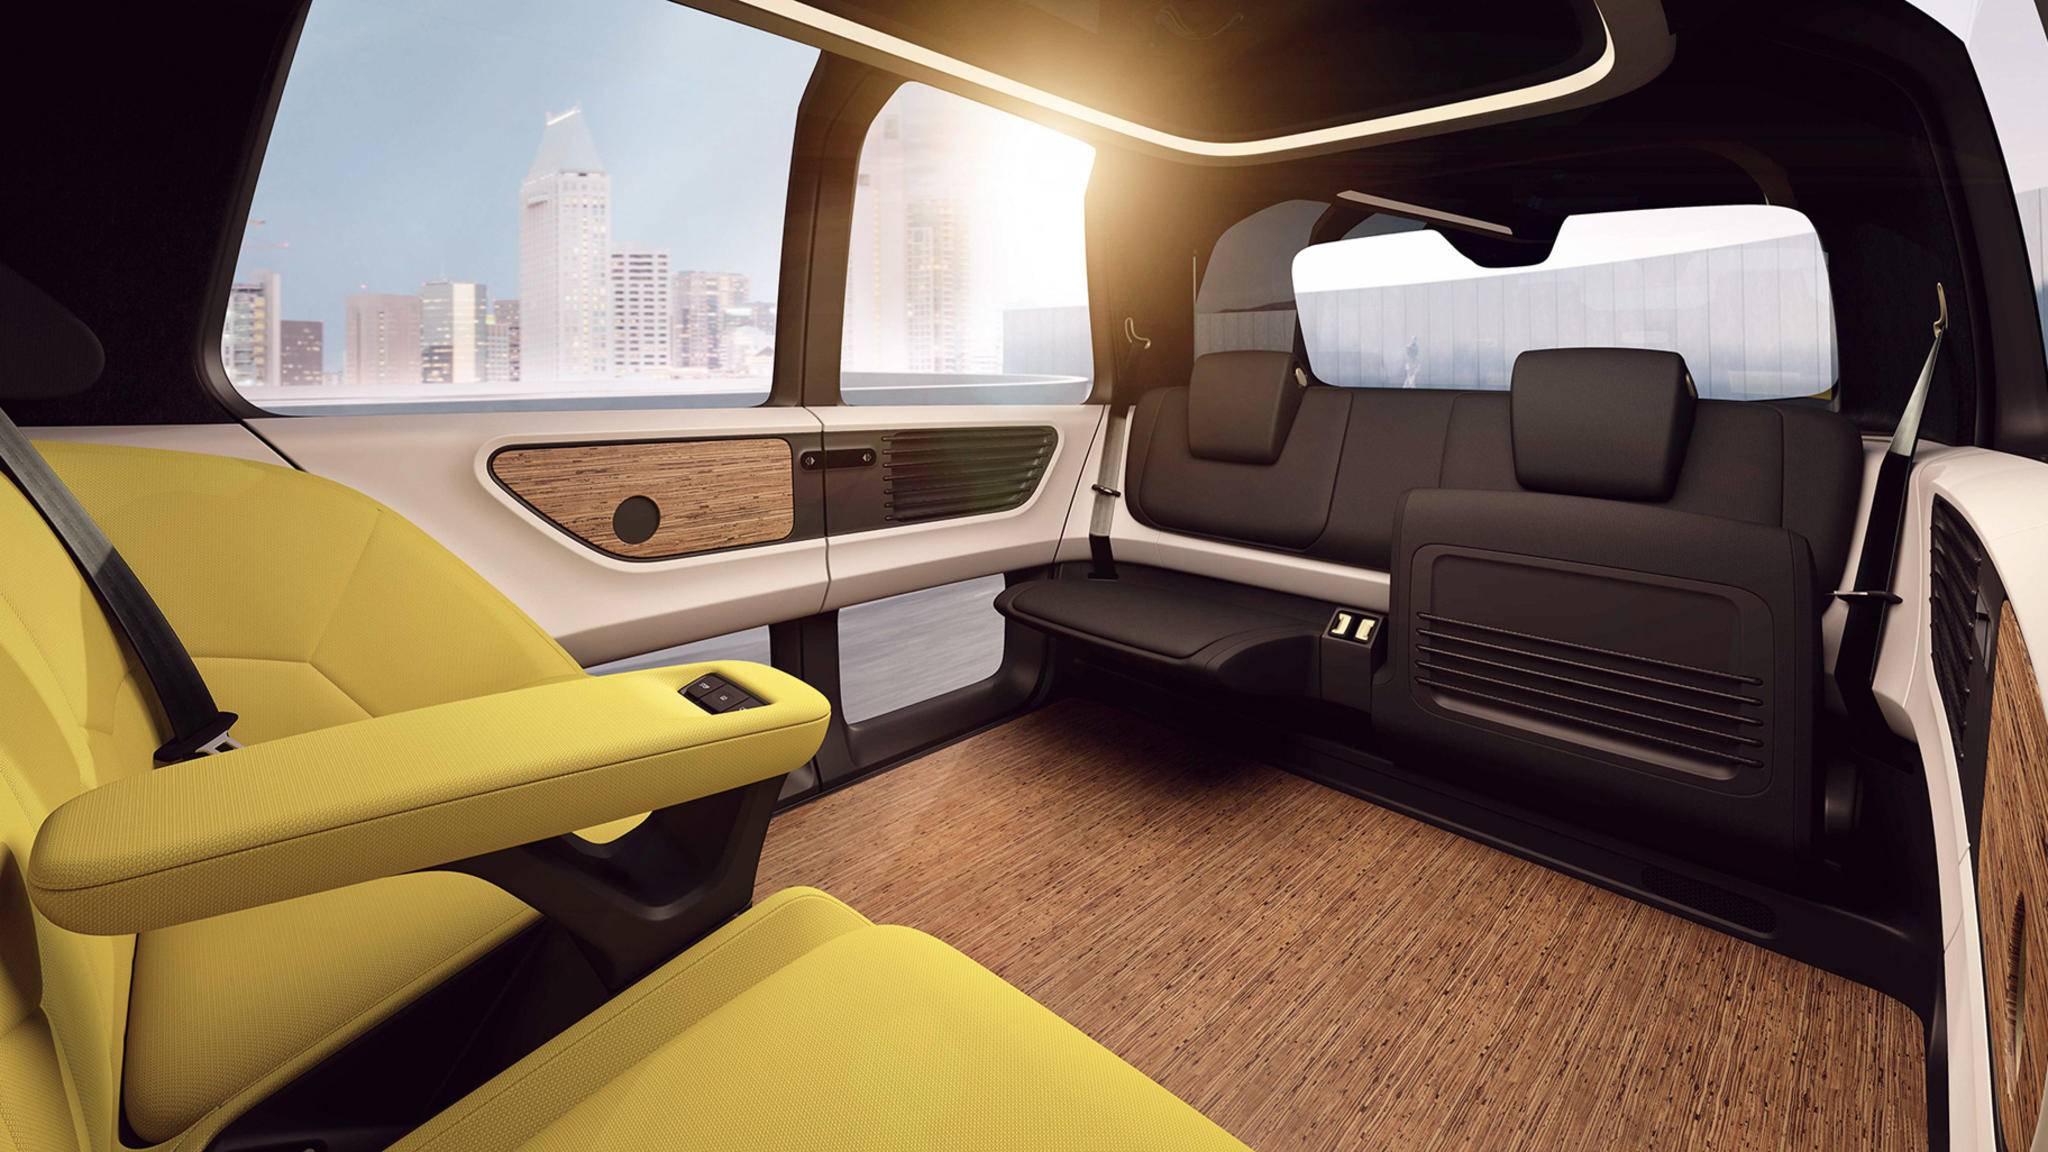 Robotaxi: Der VW Sedric kommt auf Knopfdruck ...